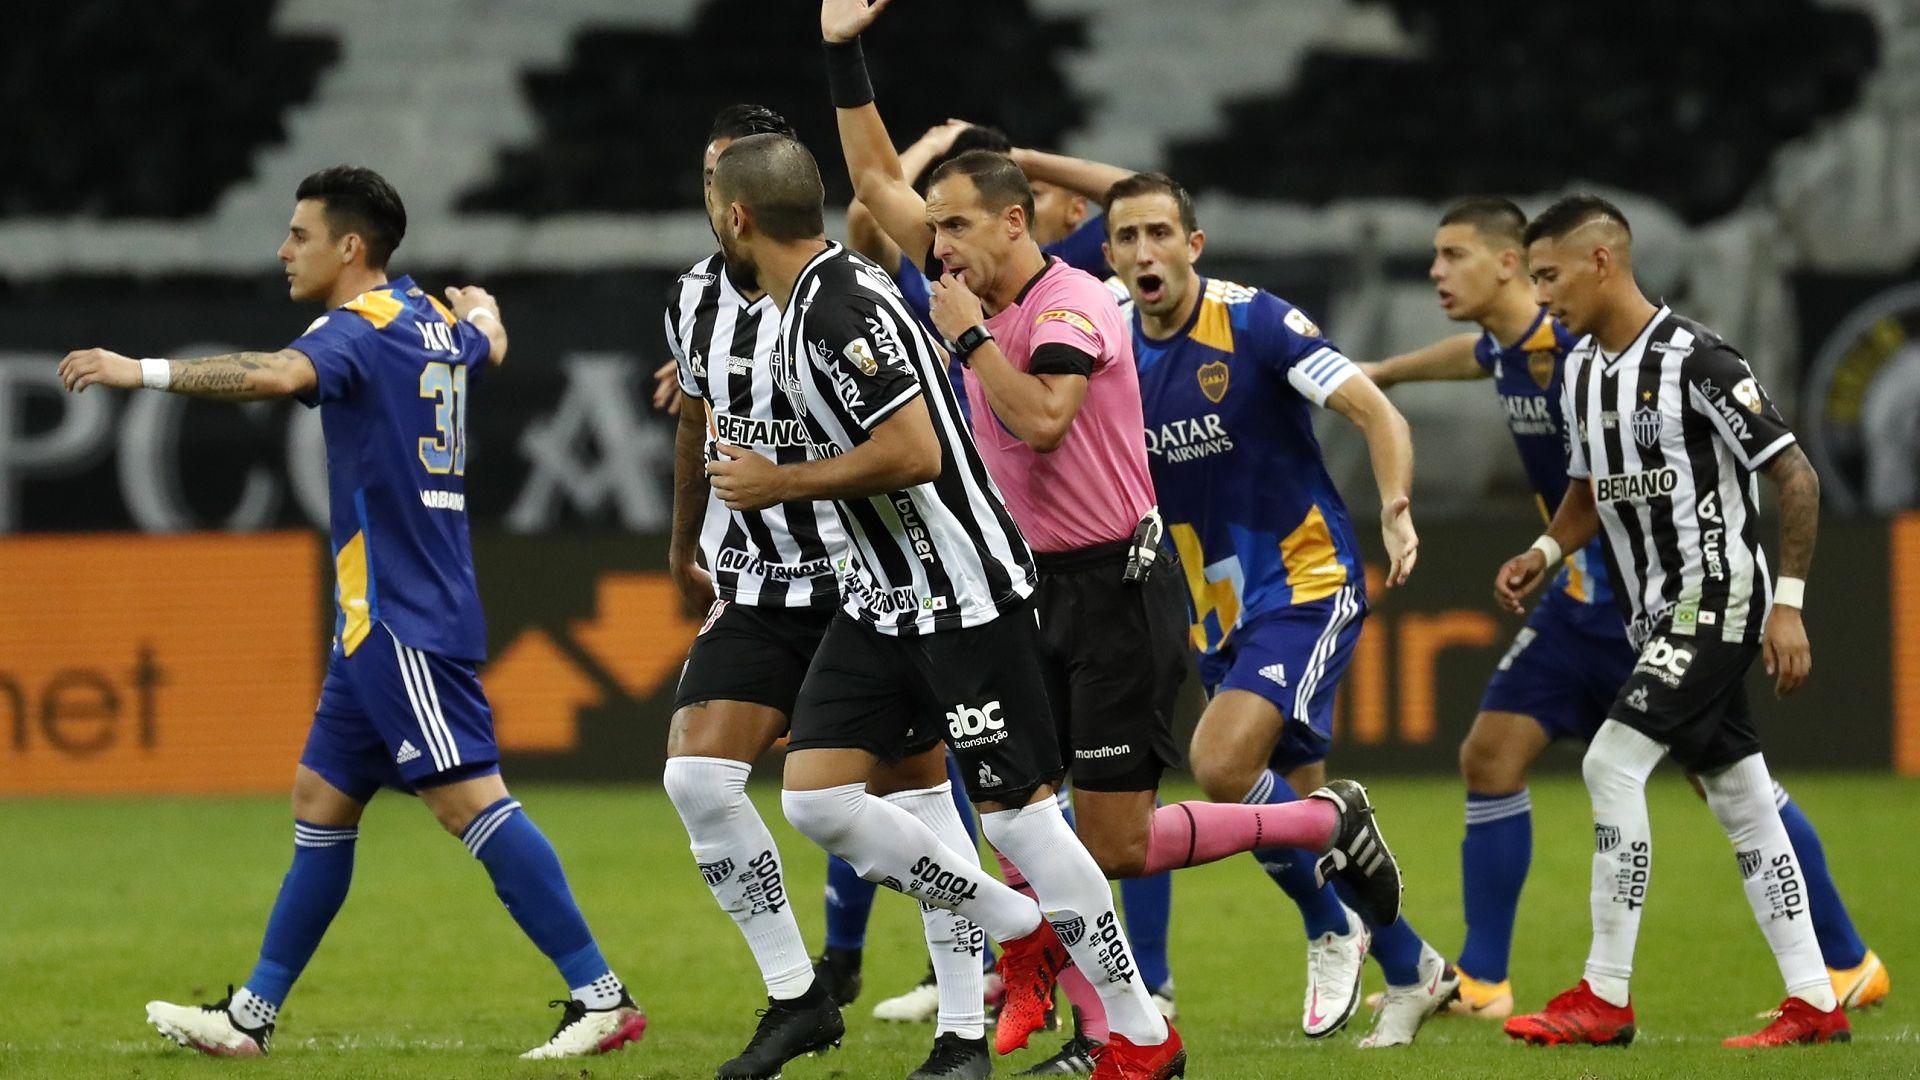 Хаос в Южна Америка: Бой, хвърчащи предмети, обгазени и арестувани играчи след мач